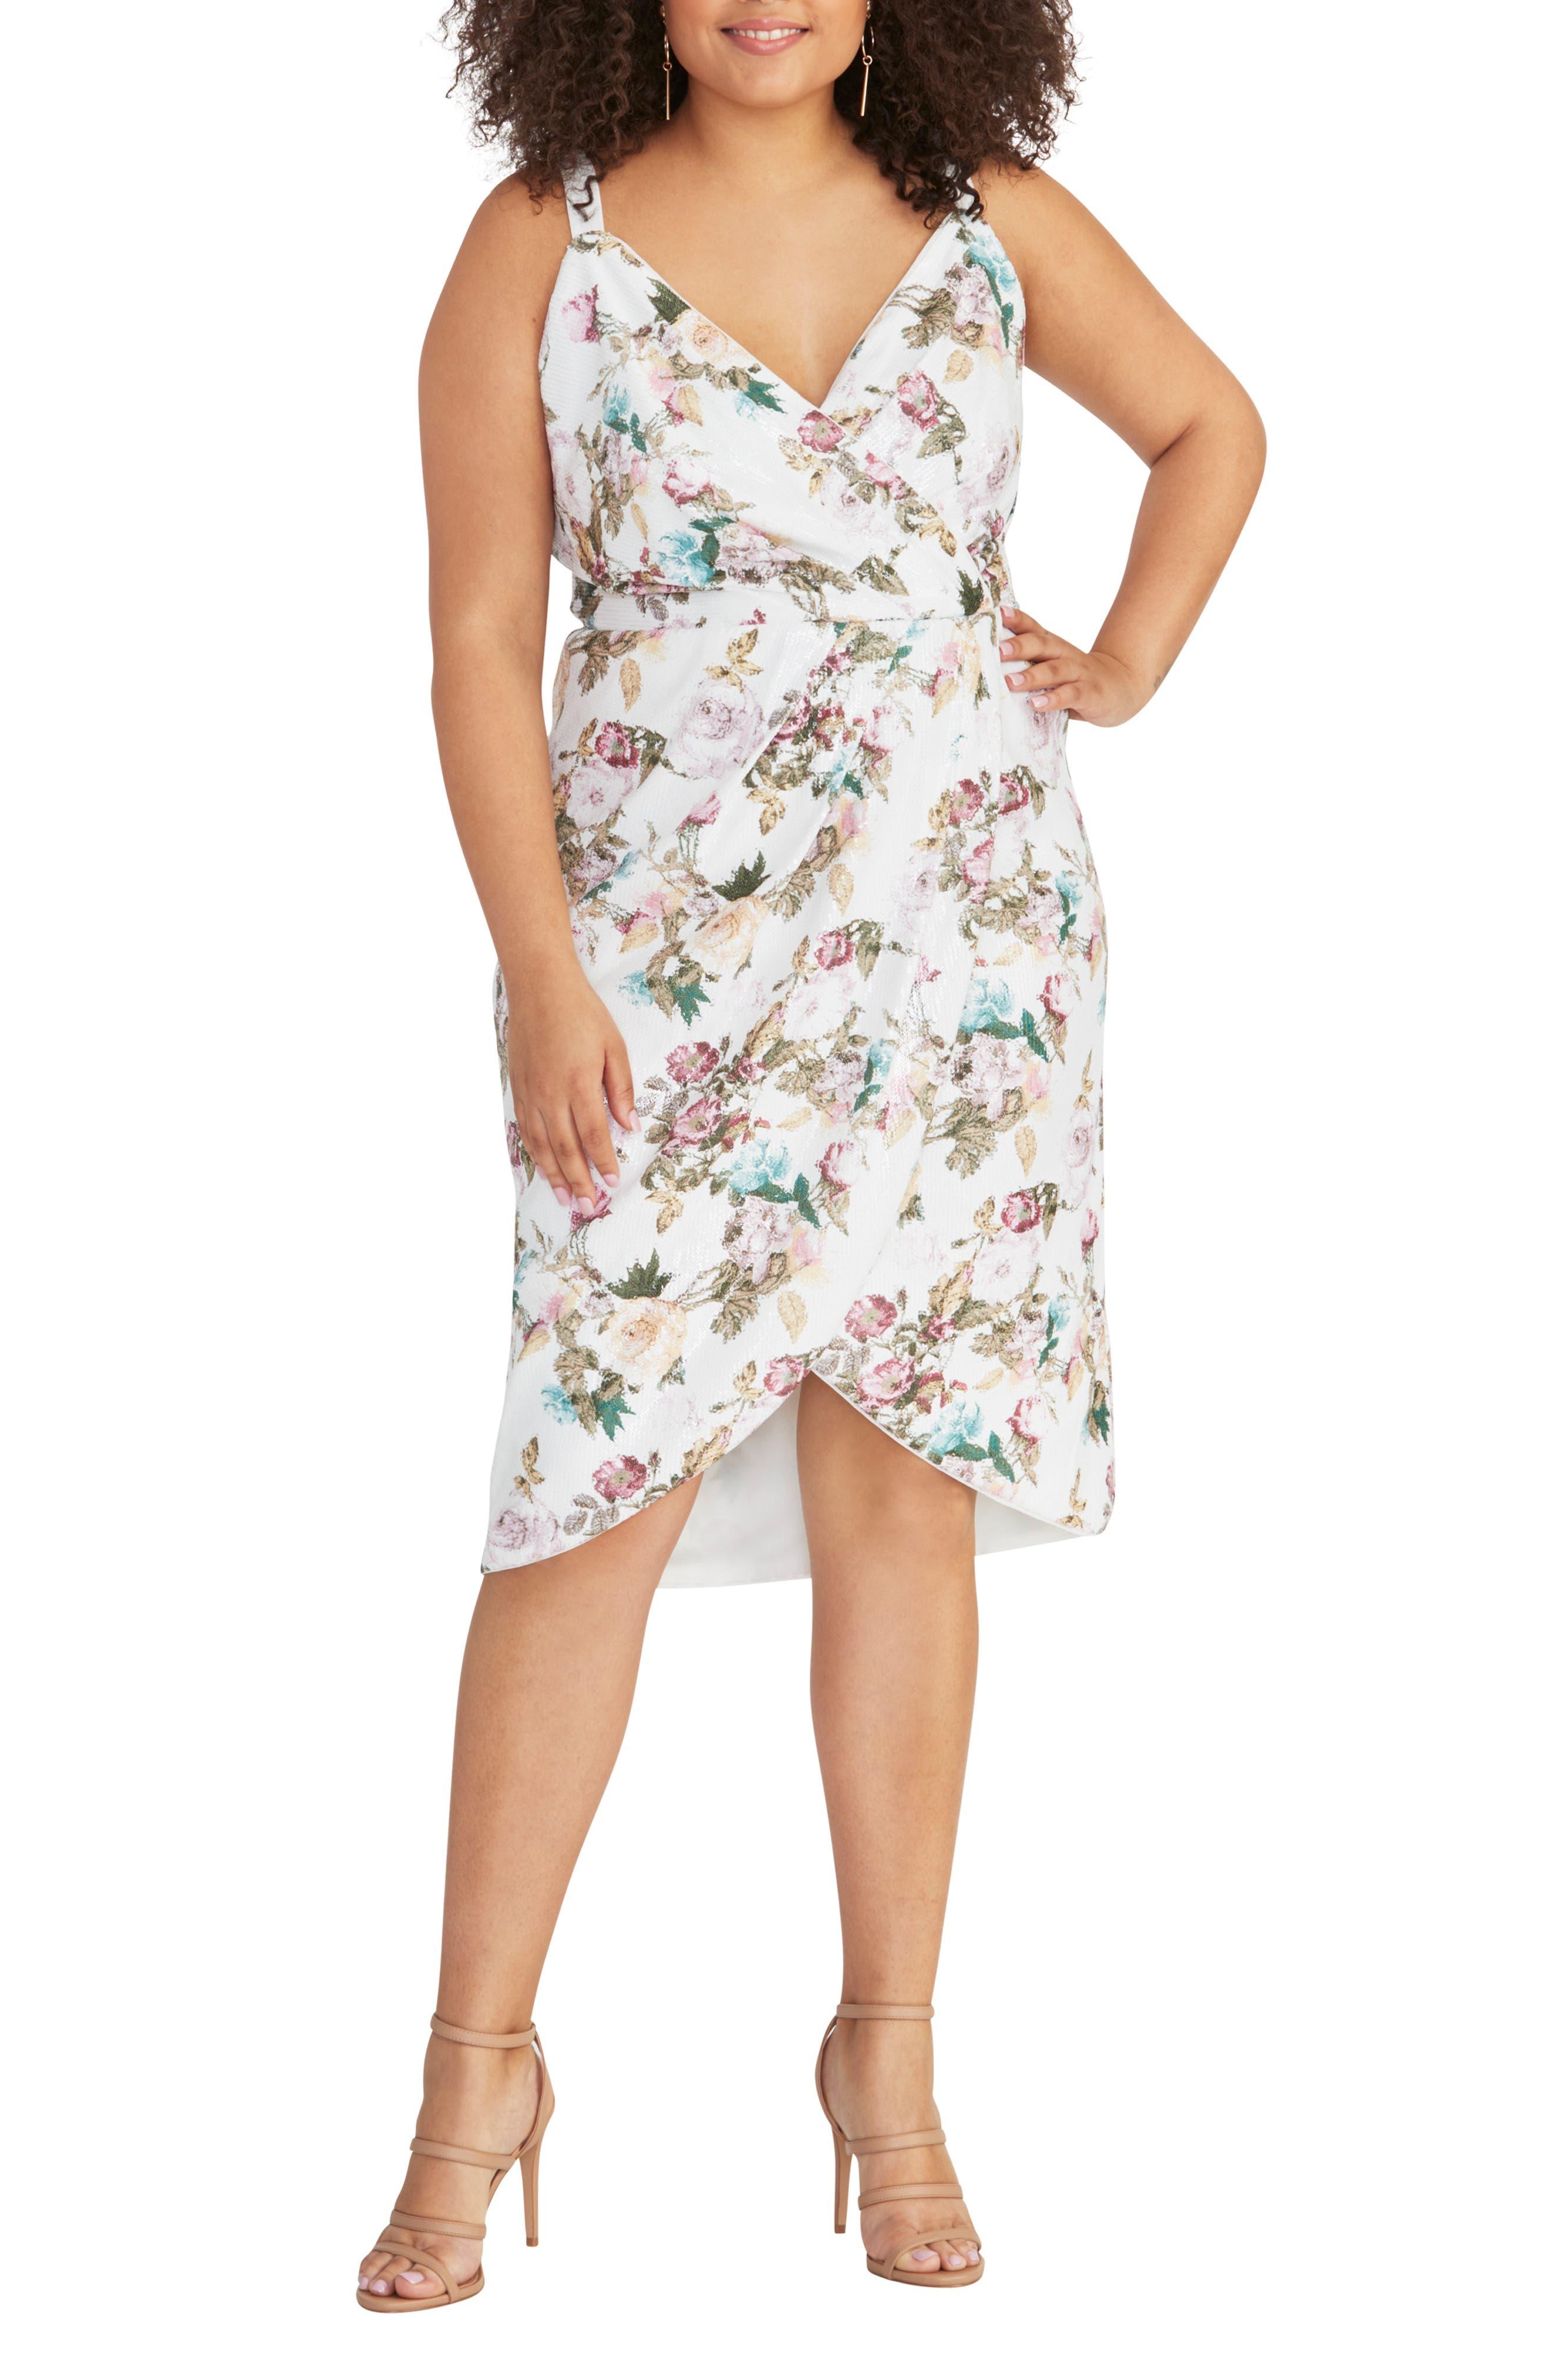 Plus Size Rachel Rachel Roy Sequin Faux Wrap Dress, Ivory